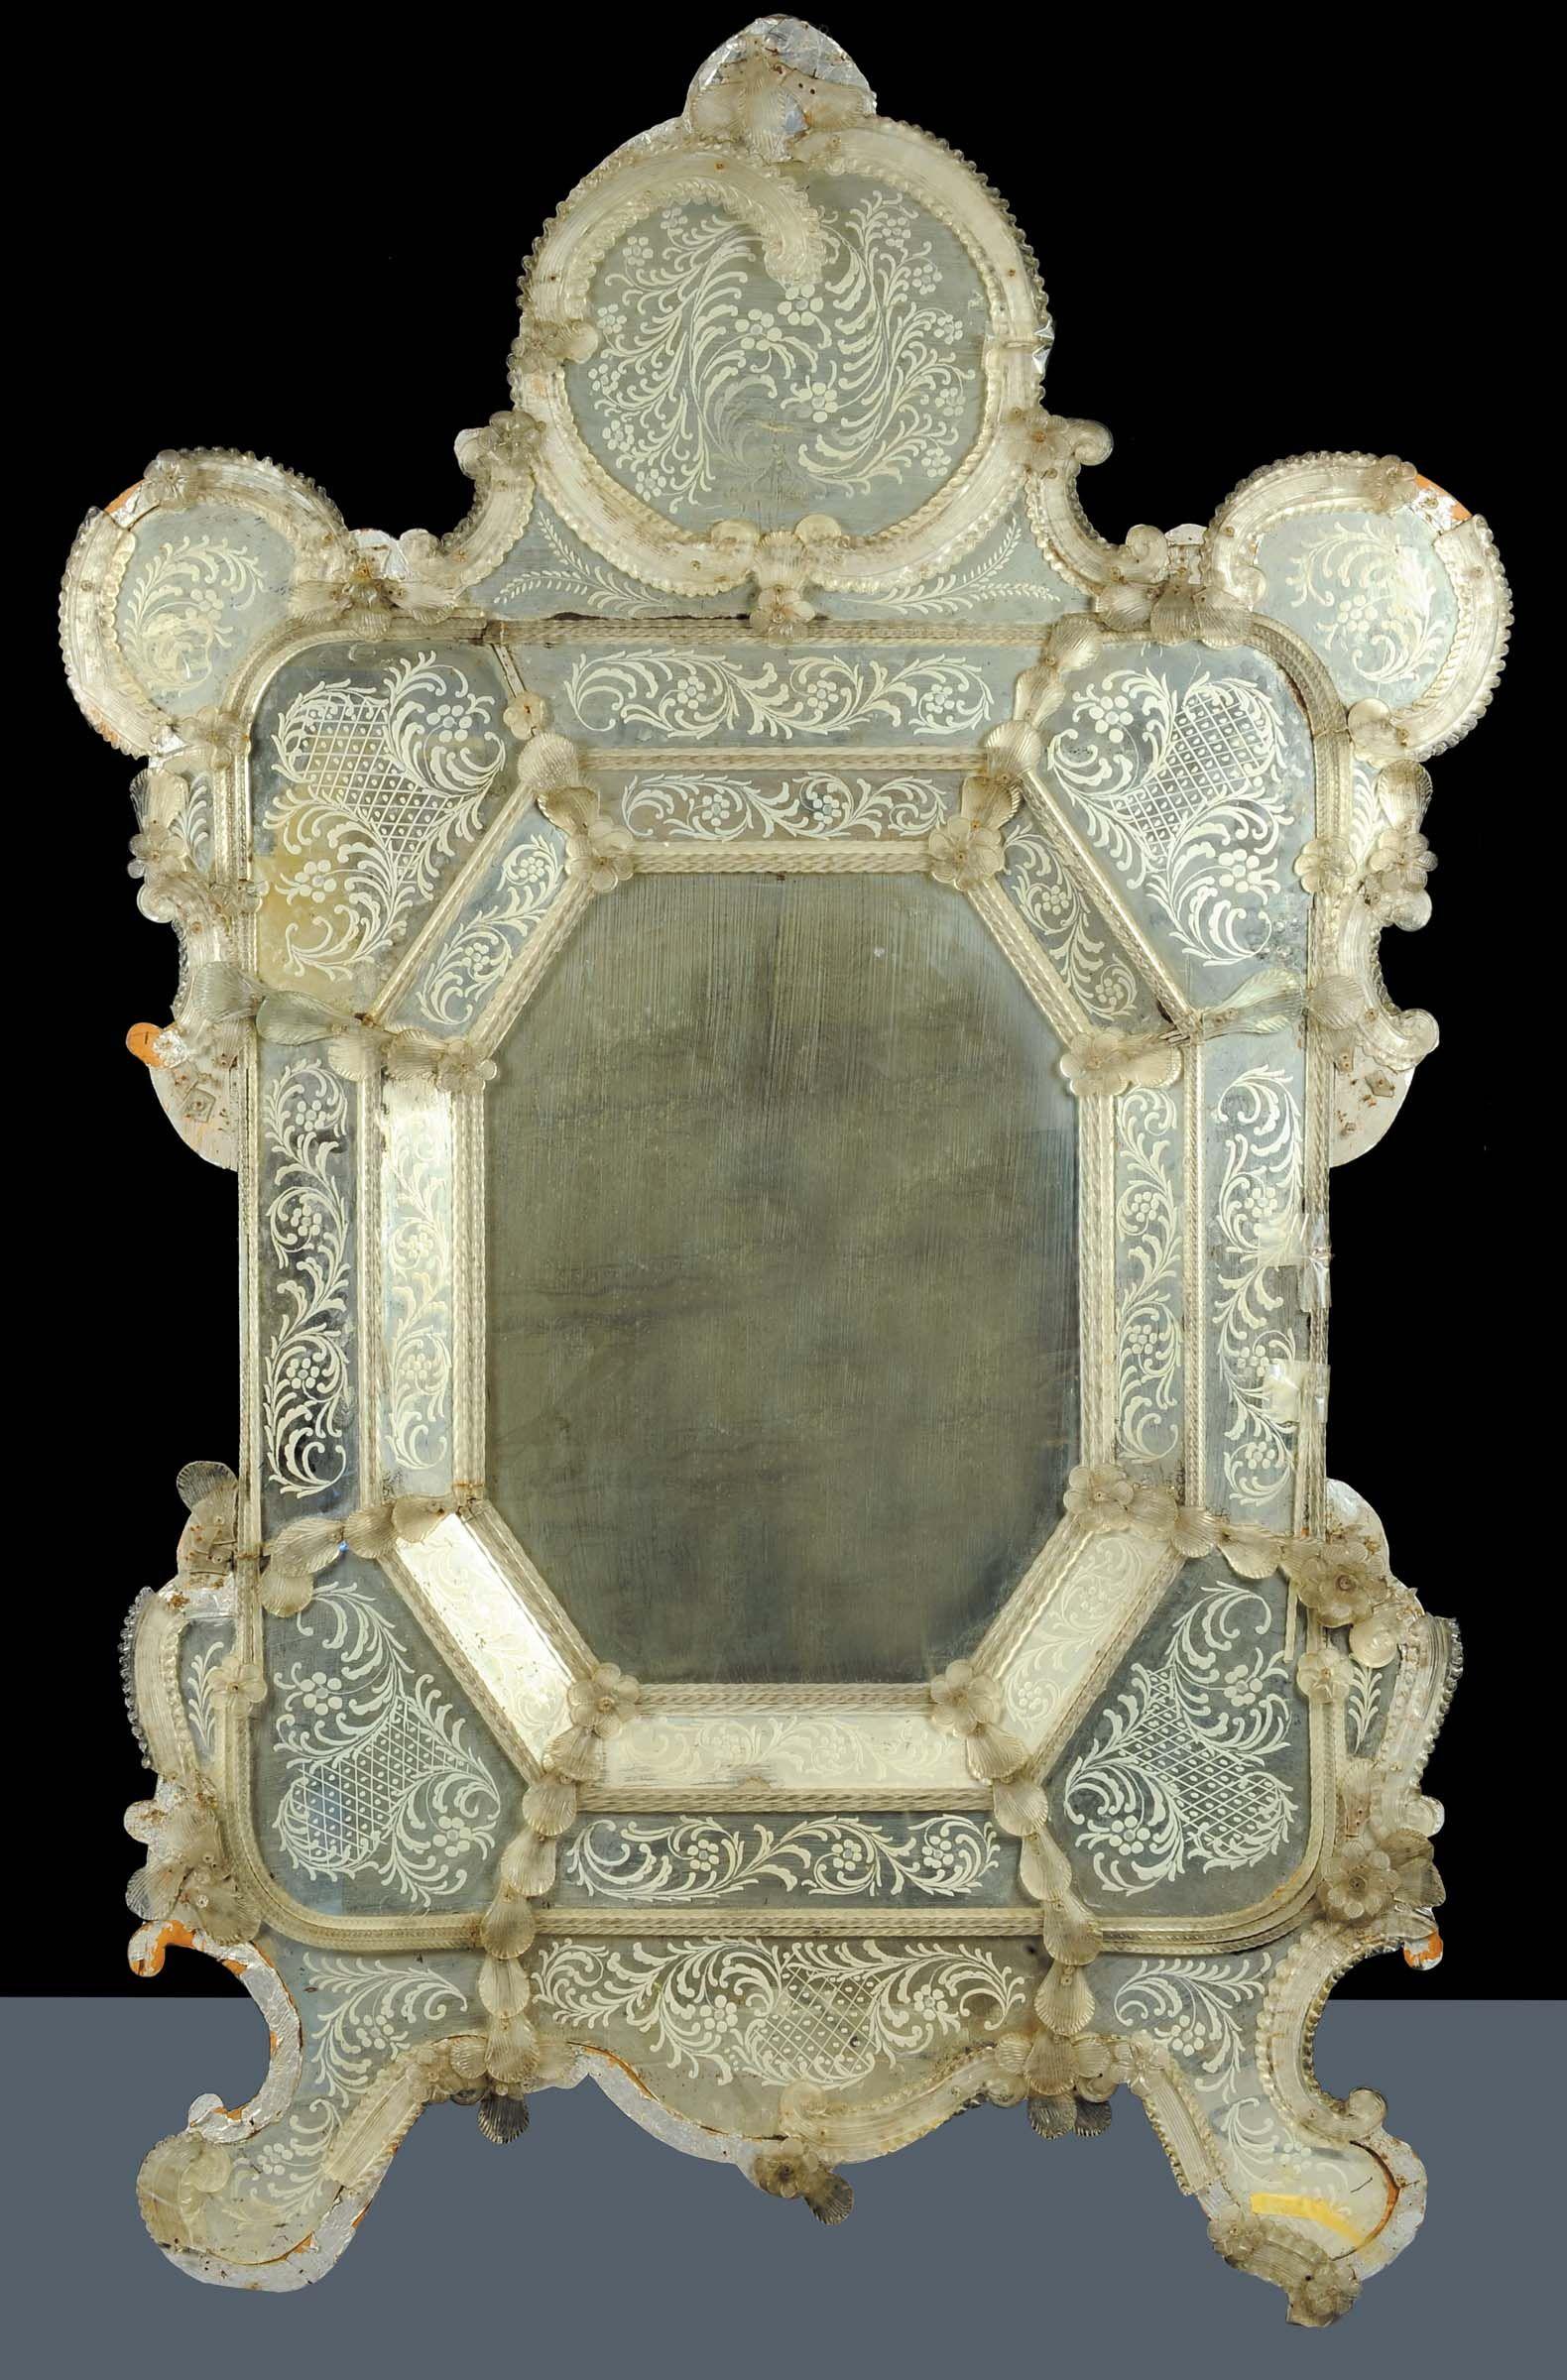 Grande specchiera sagomata in vetro inciso, XIX secolo